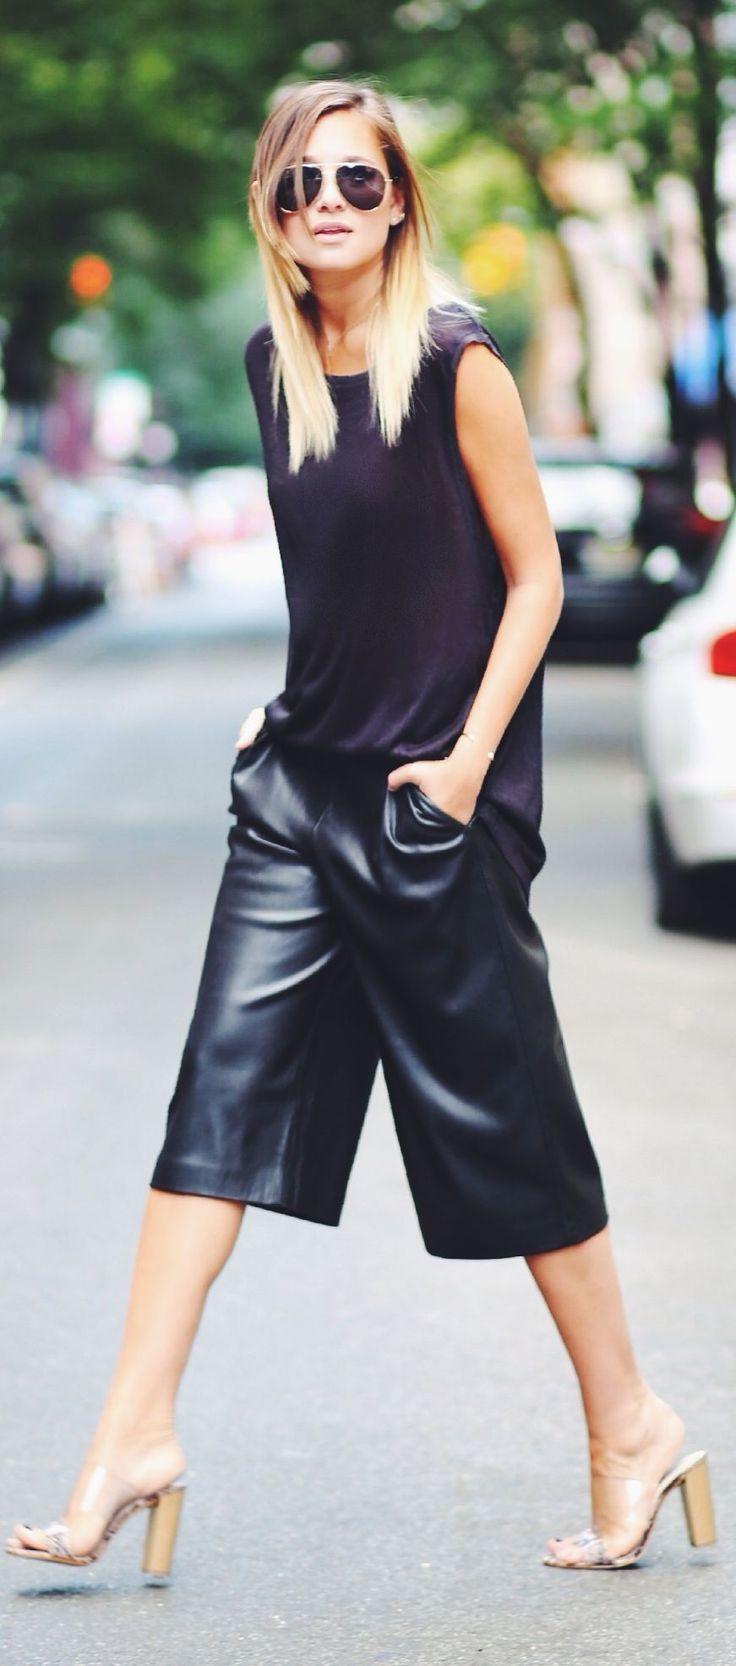 714174e2acb5c8 Tendances : le retour de la jupe-culotte | mode femme pour être ...